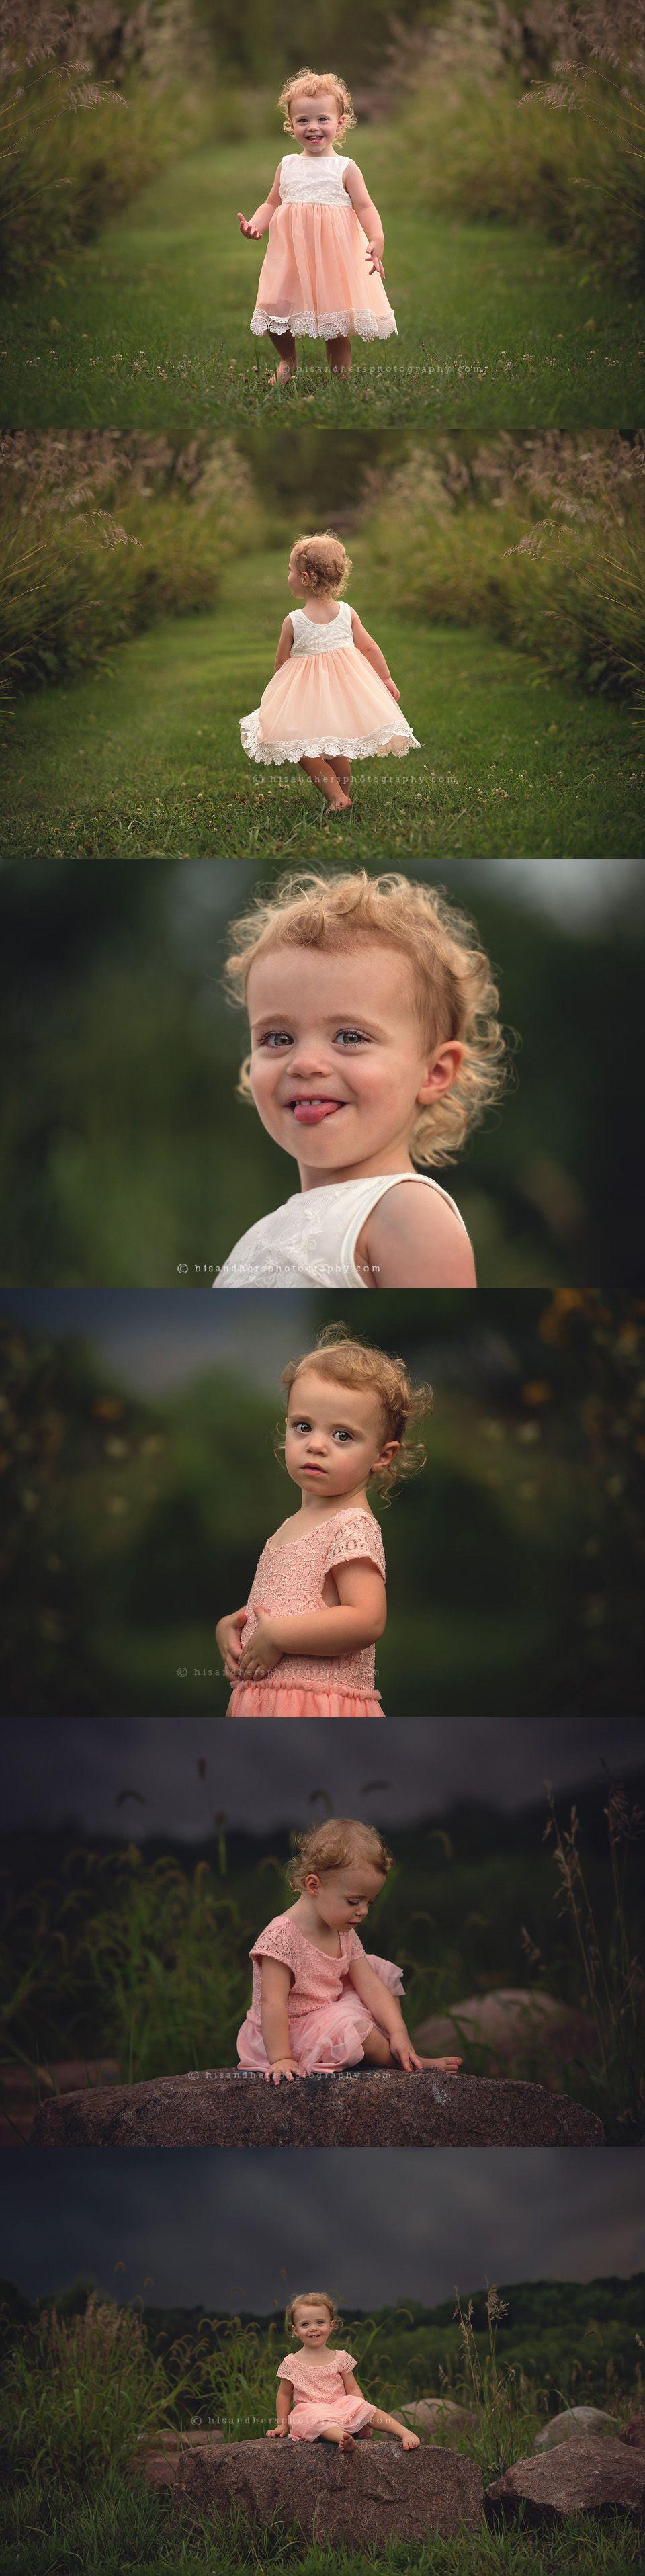 Child | Caroline, 2 years